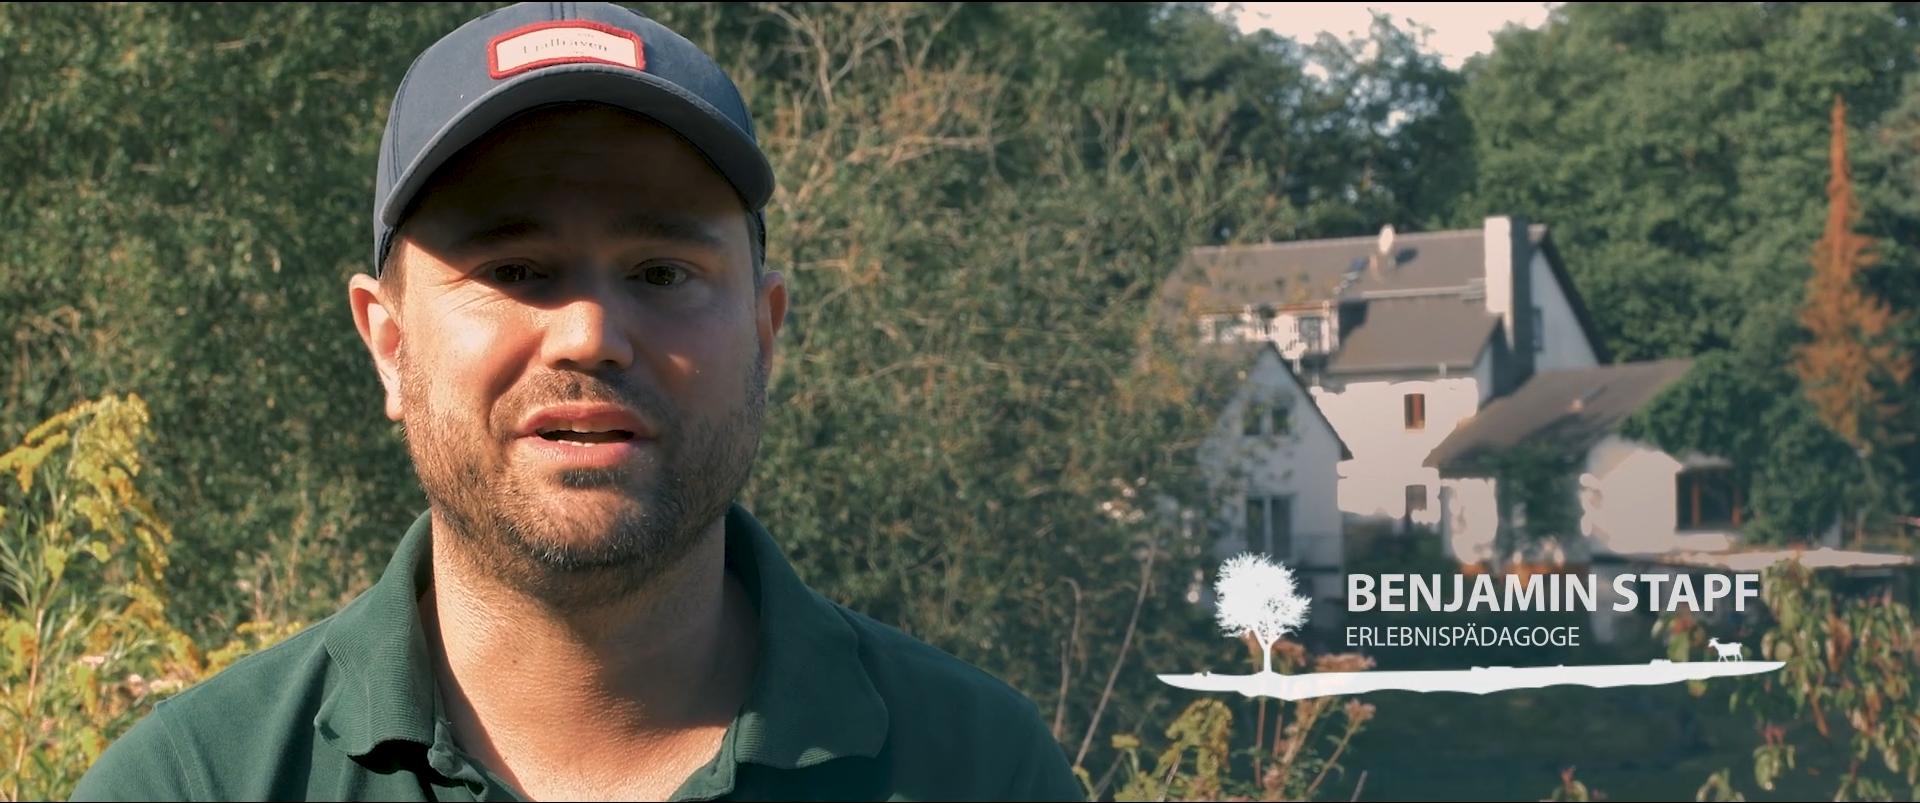 nature education – corporate film